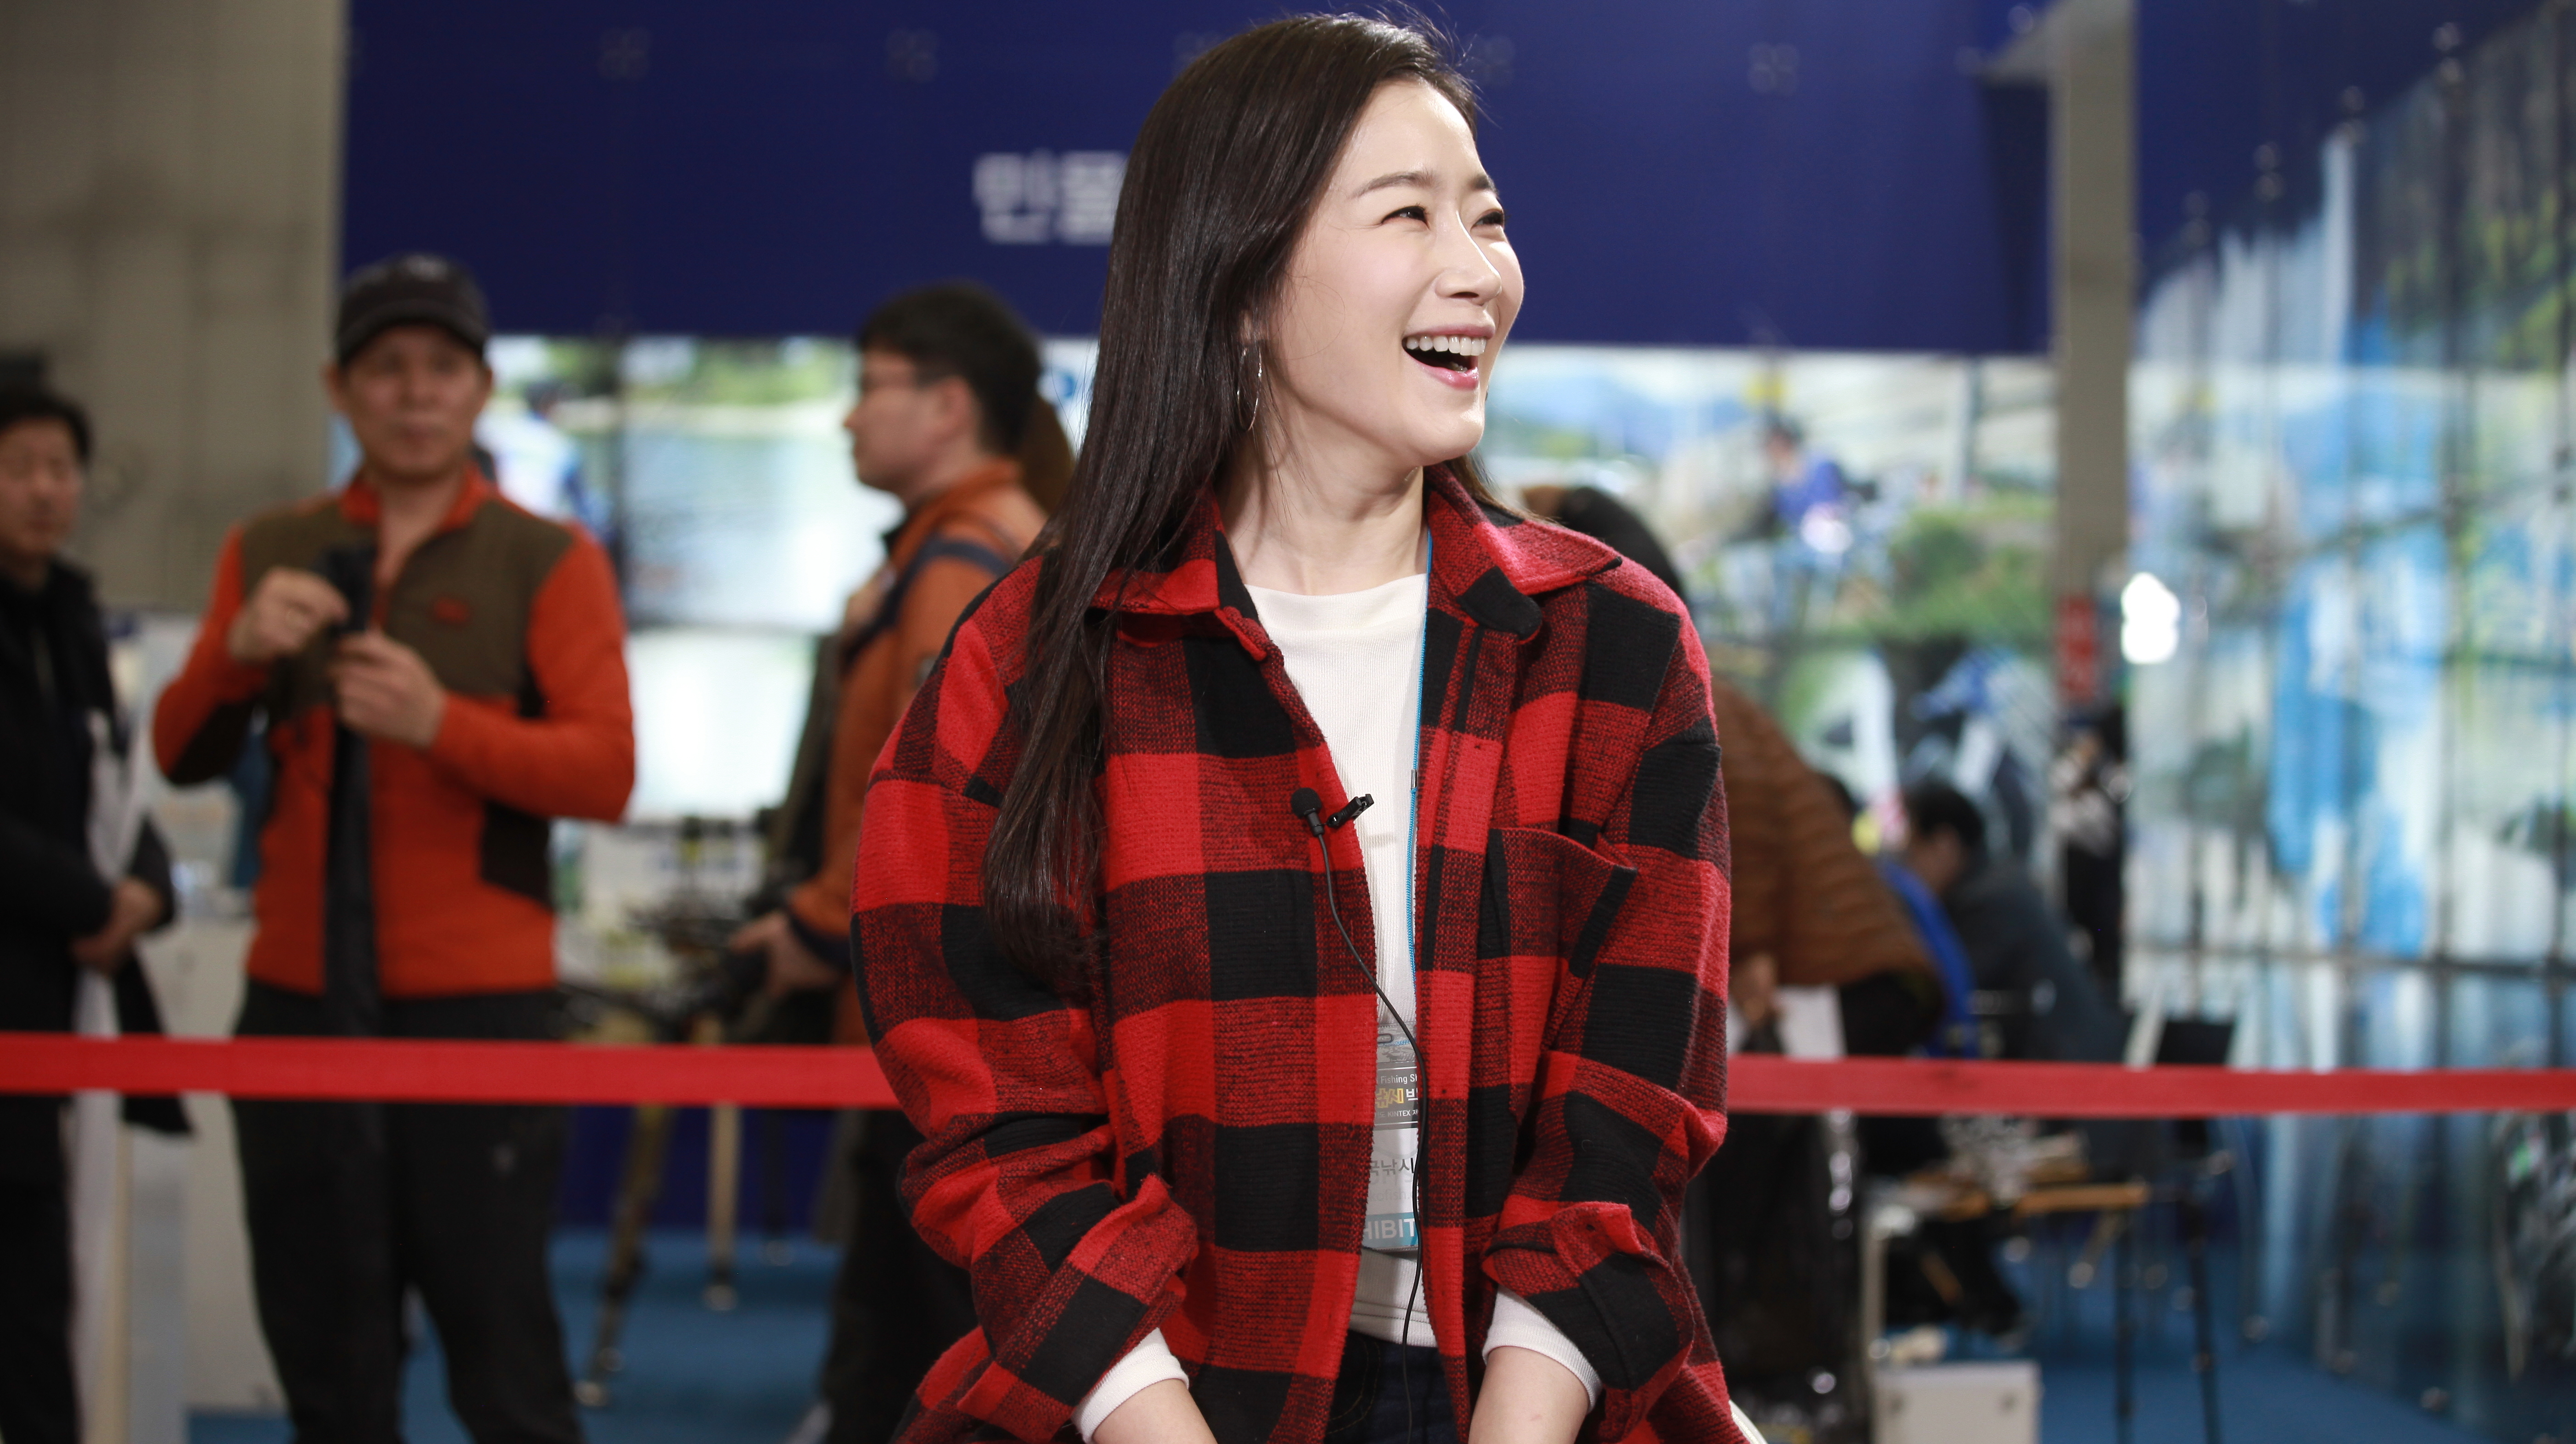 '2018한국국제낚시박람회'에 '낚시본부' 응원차 깜짝 방문한 '서프 김태희' 배우 김하영